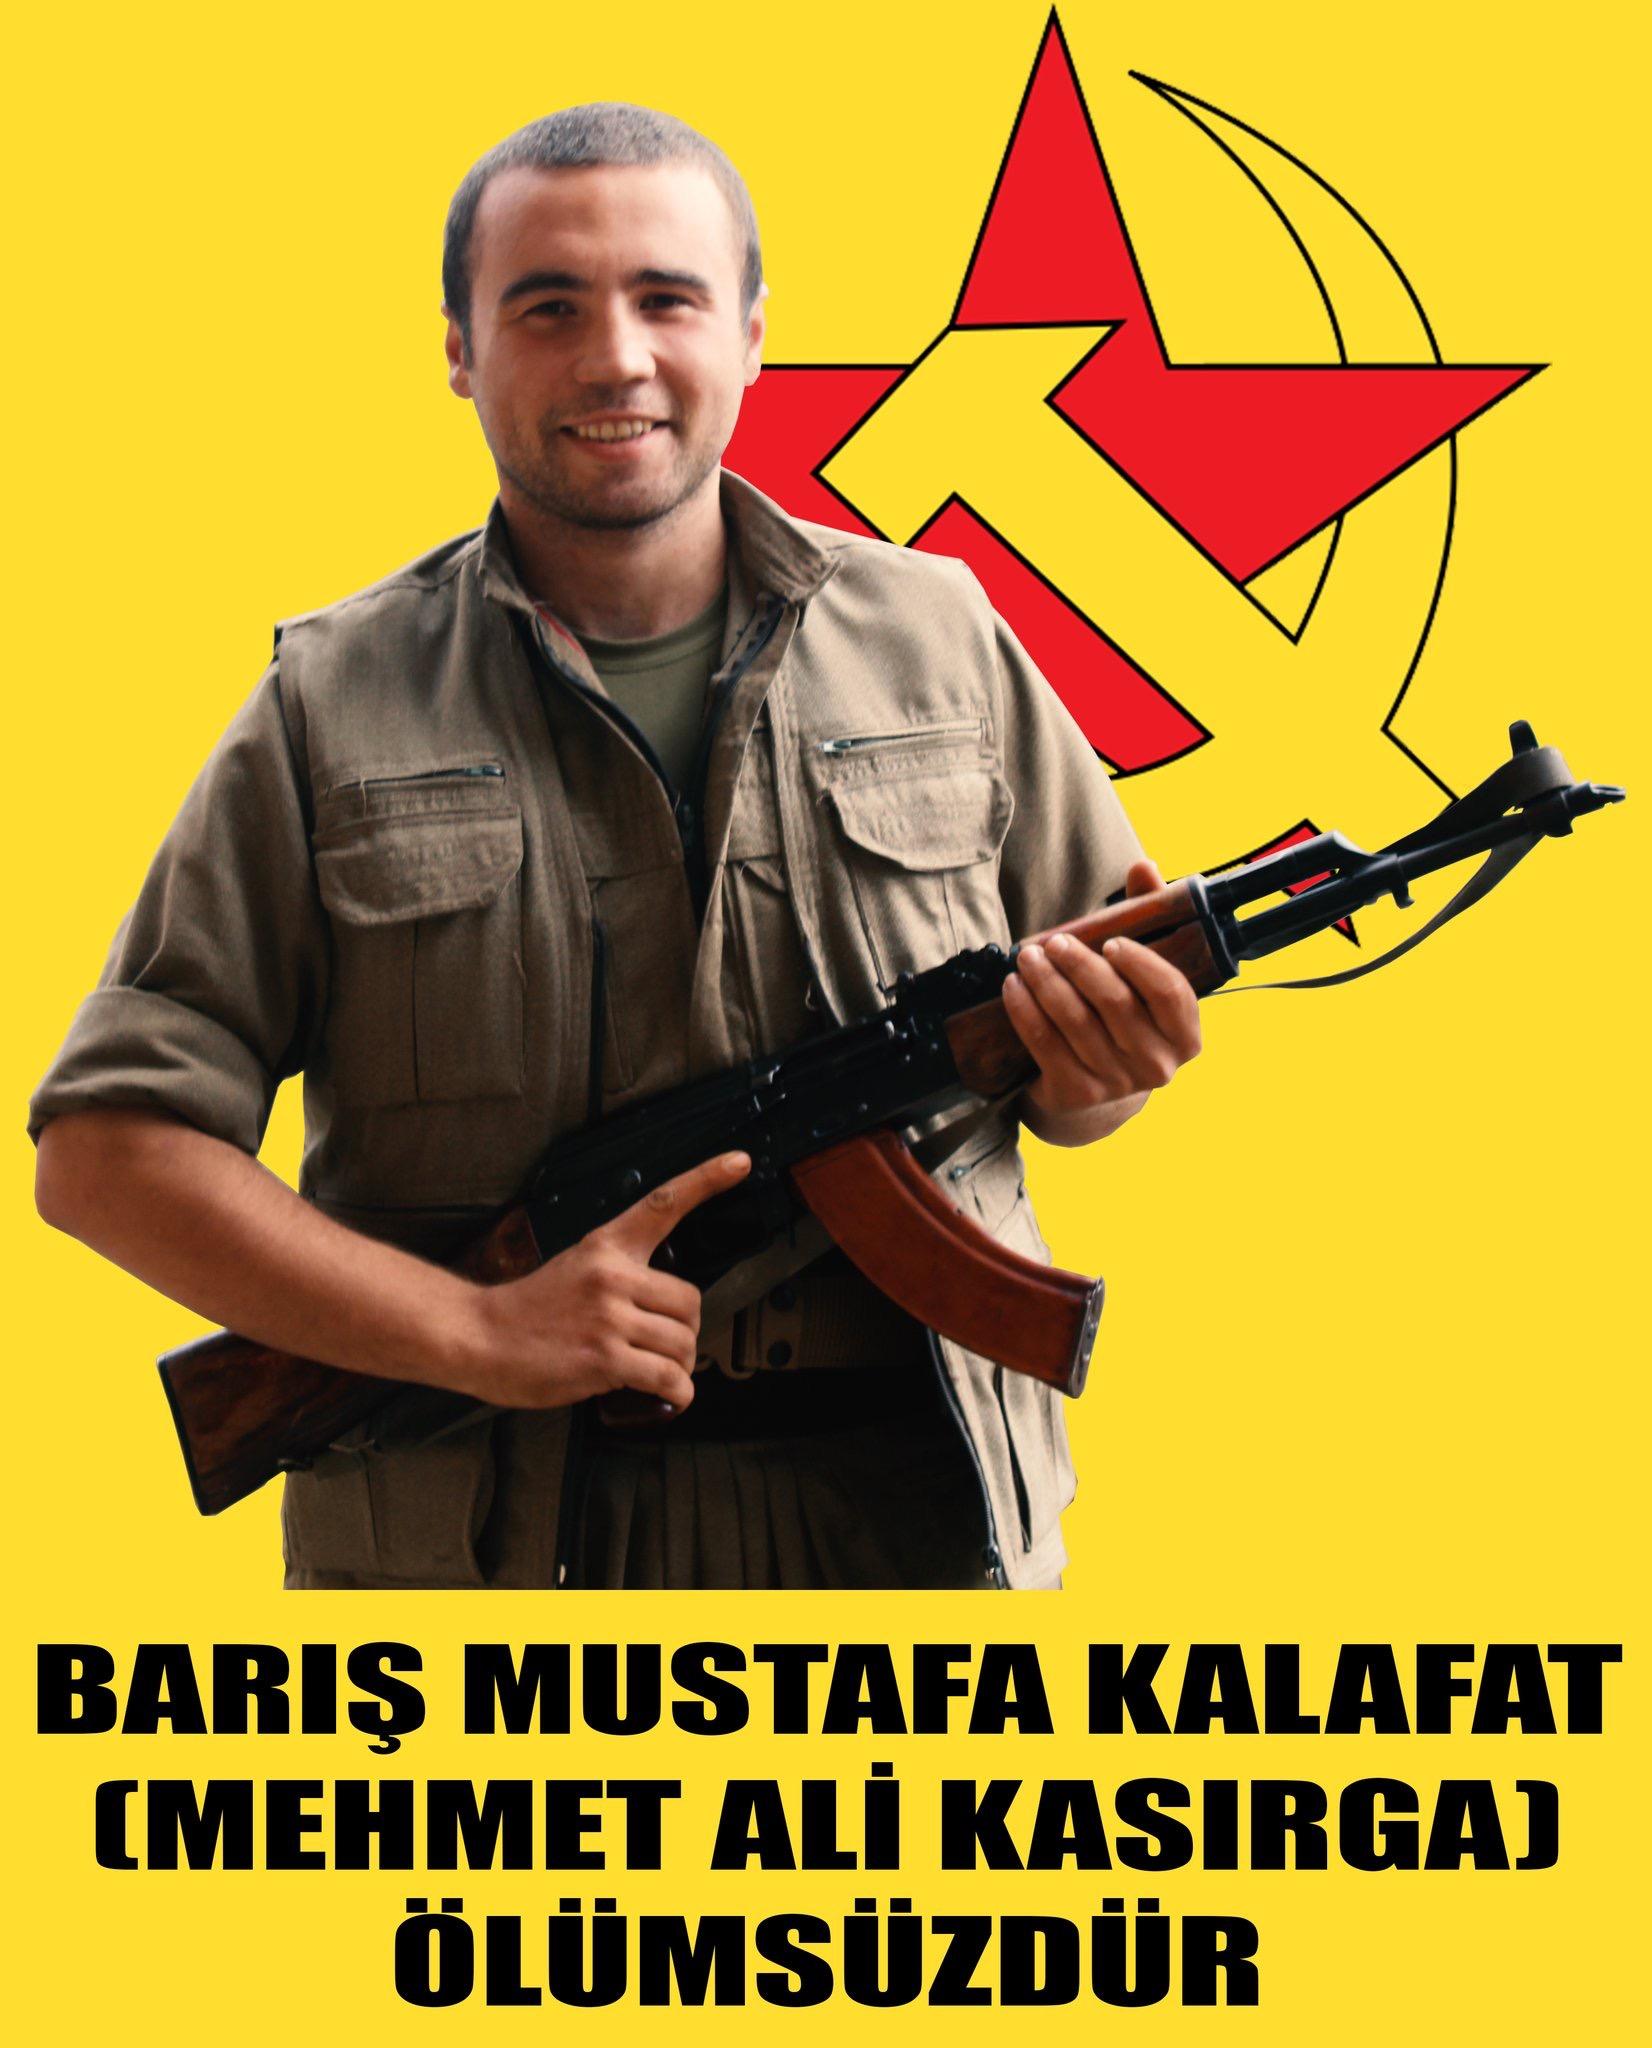 Mustafa Kalafat (alias Mehmet Ali Kasırga)